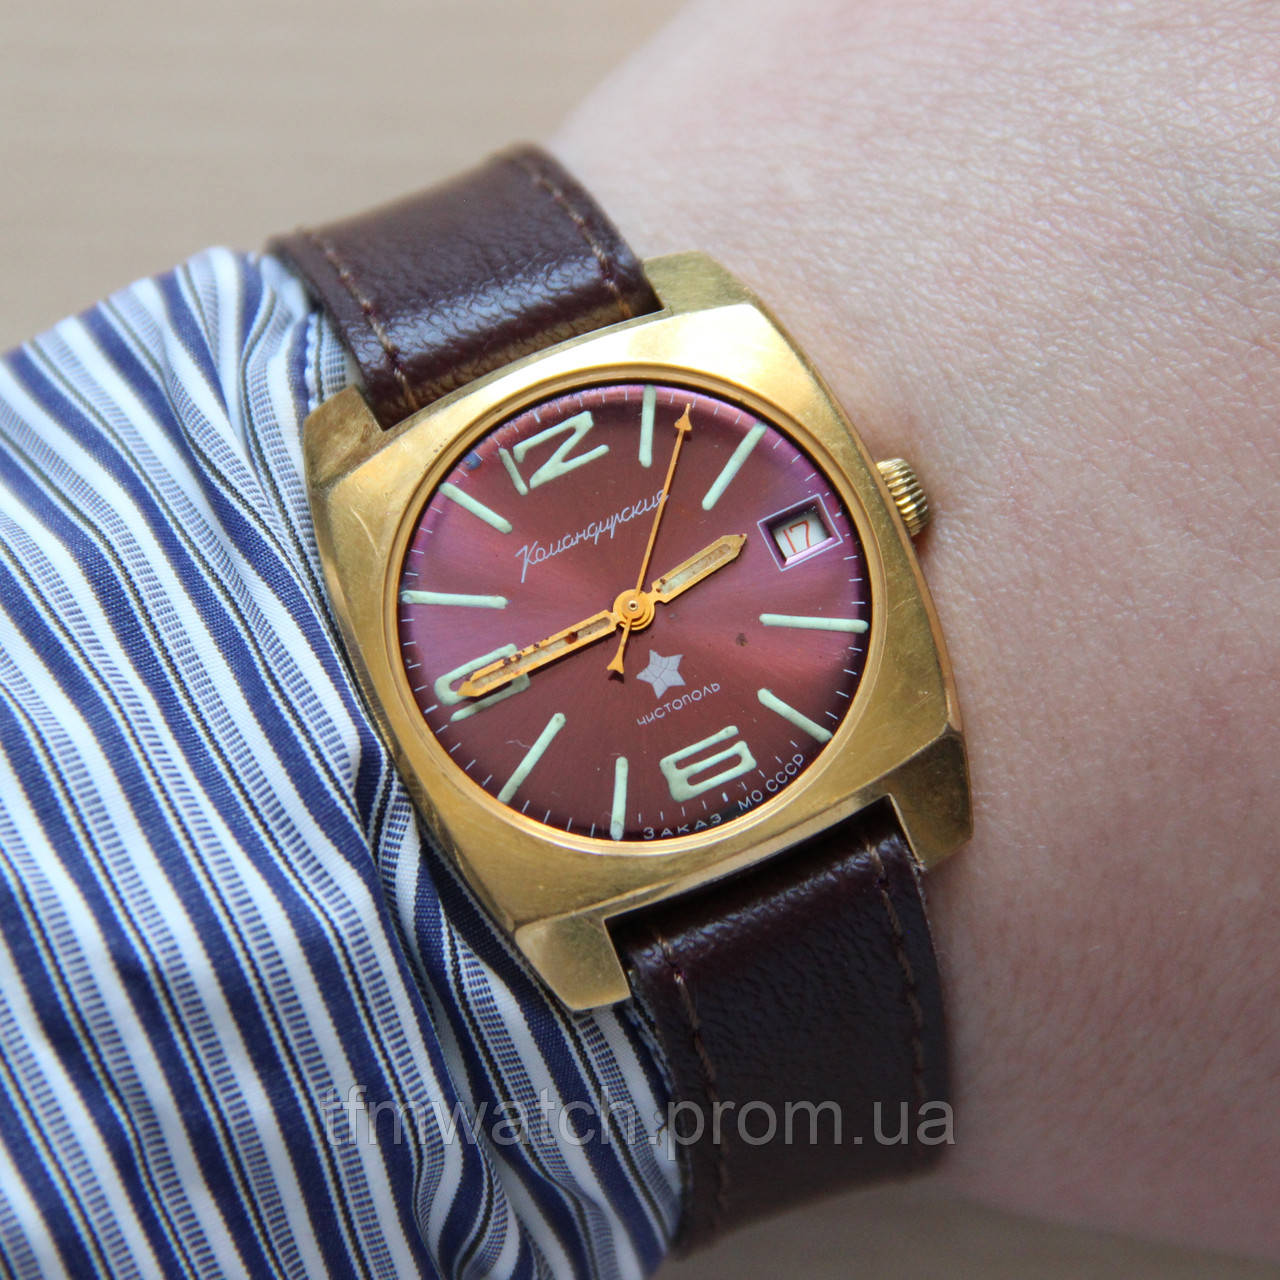 Командирские Чистополь оригинальные часы СССР   продажа, цена в ... 8e3f848ba56